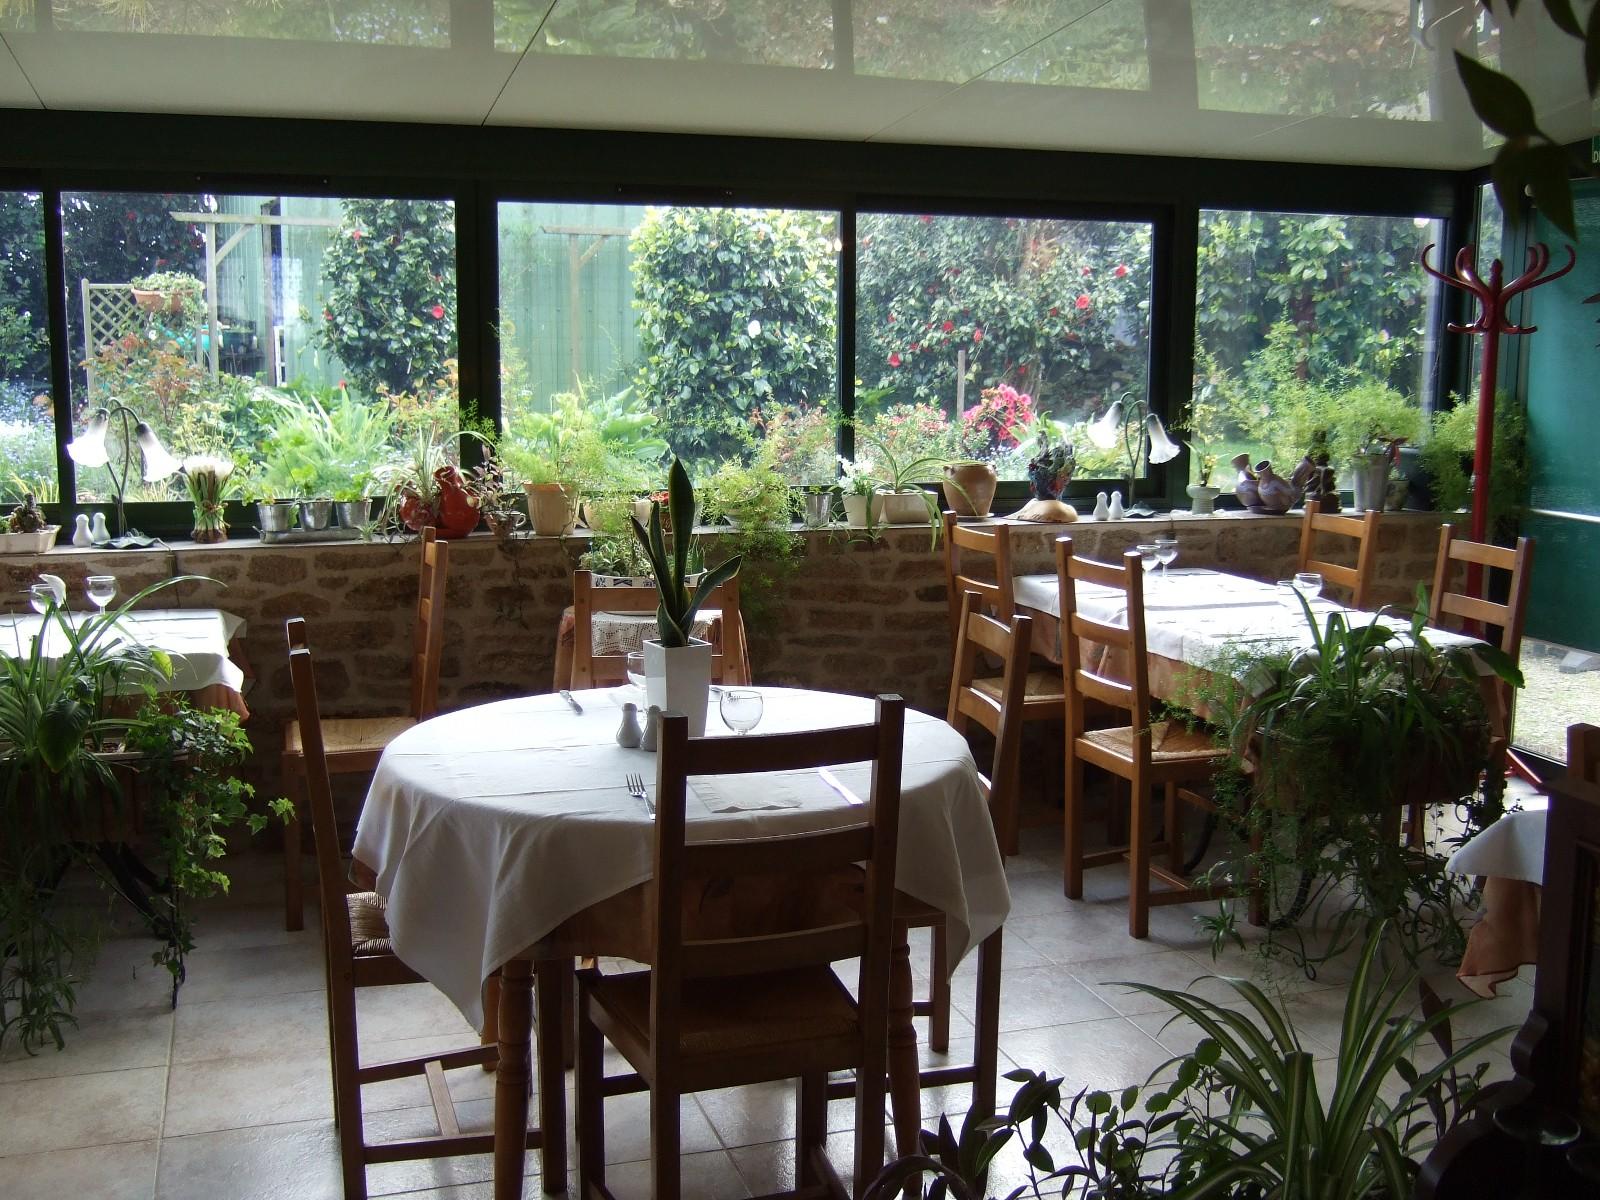 Le restaurant l 39 auberge de tante marie for Restaurant avec jardin 92